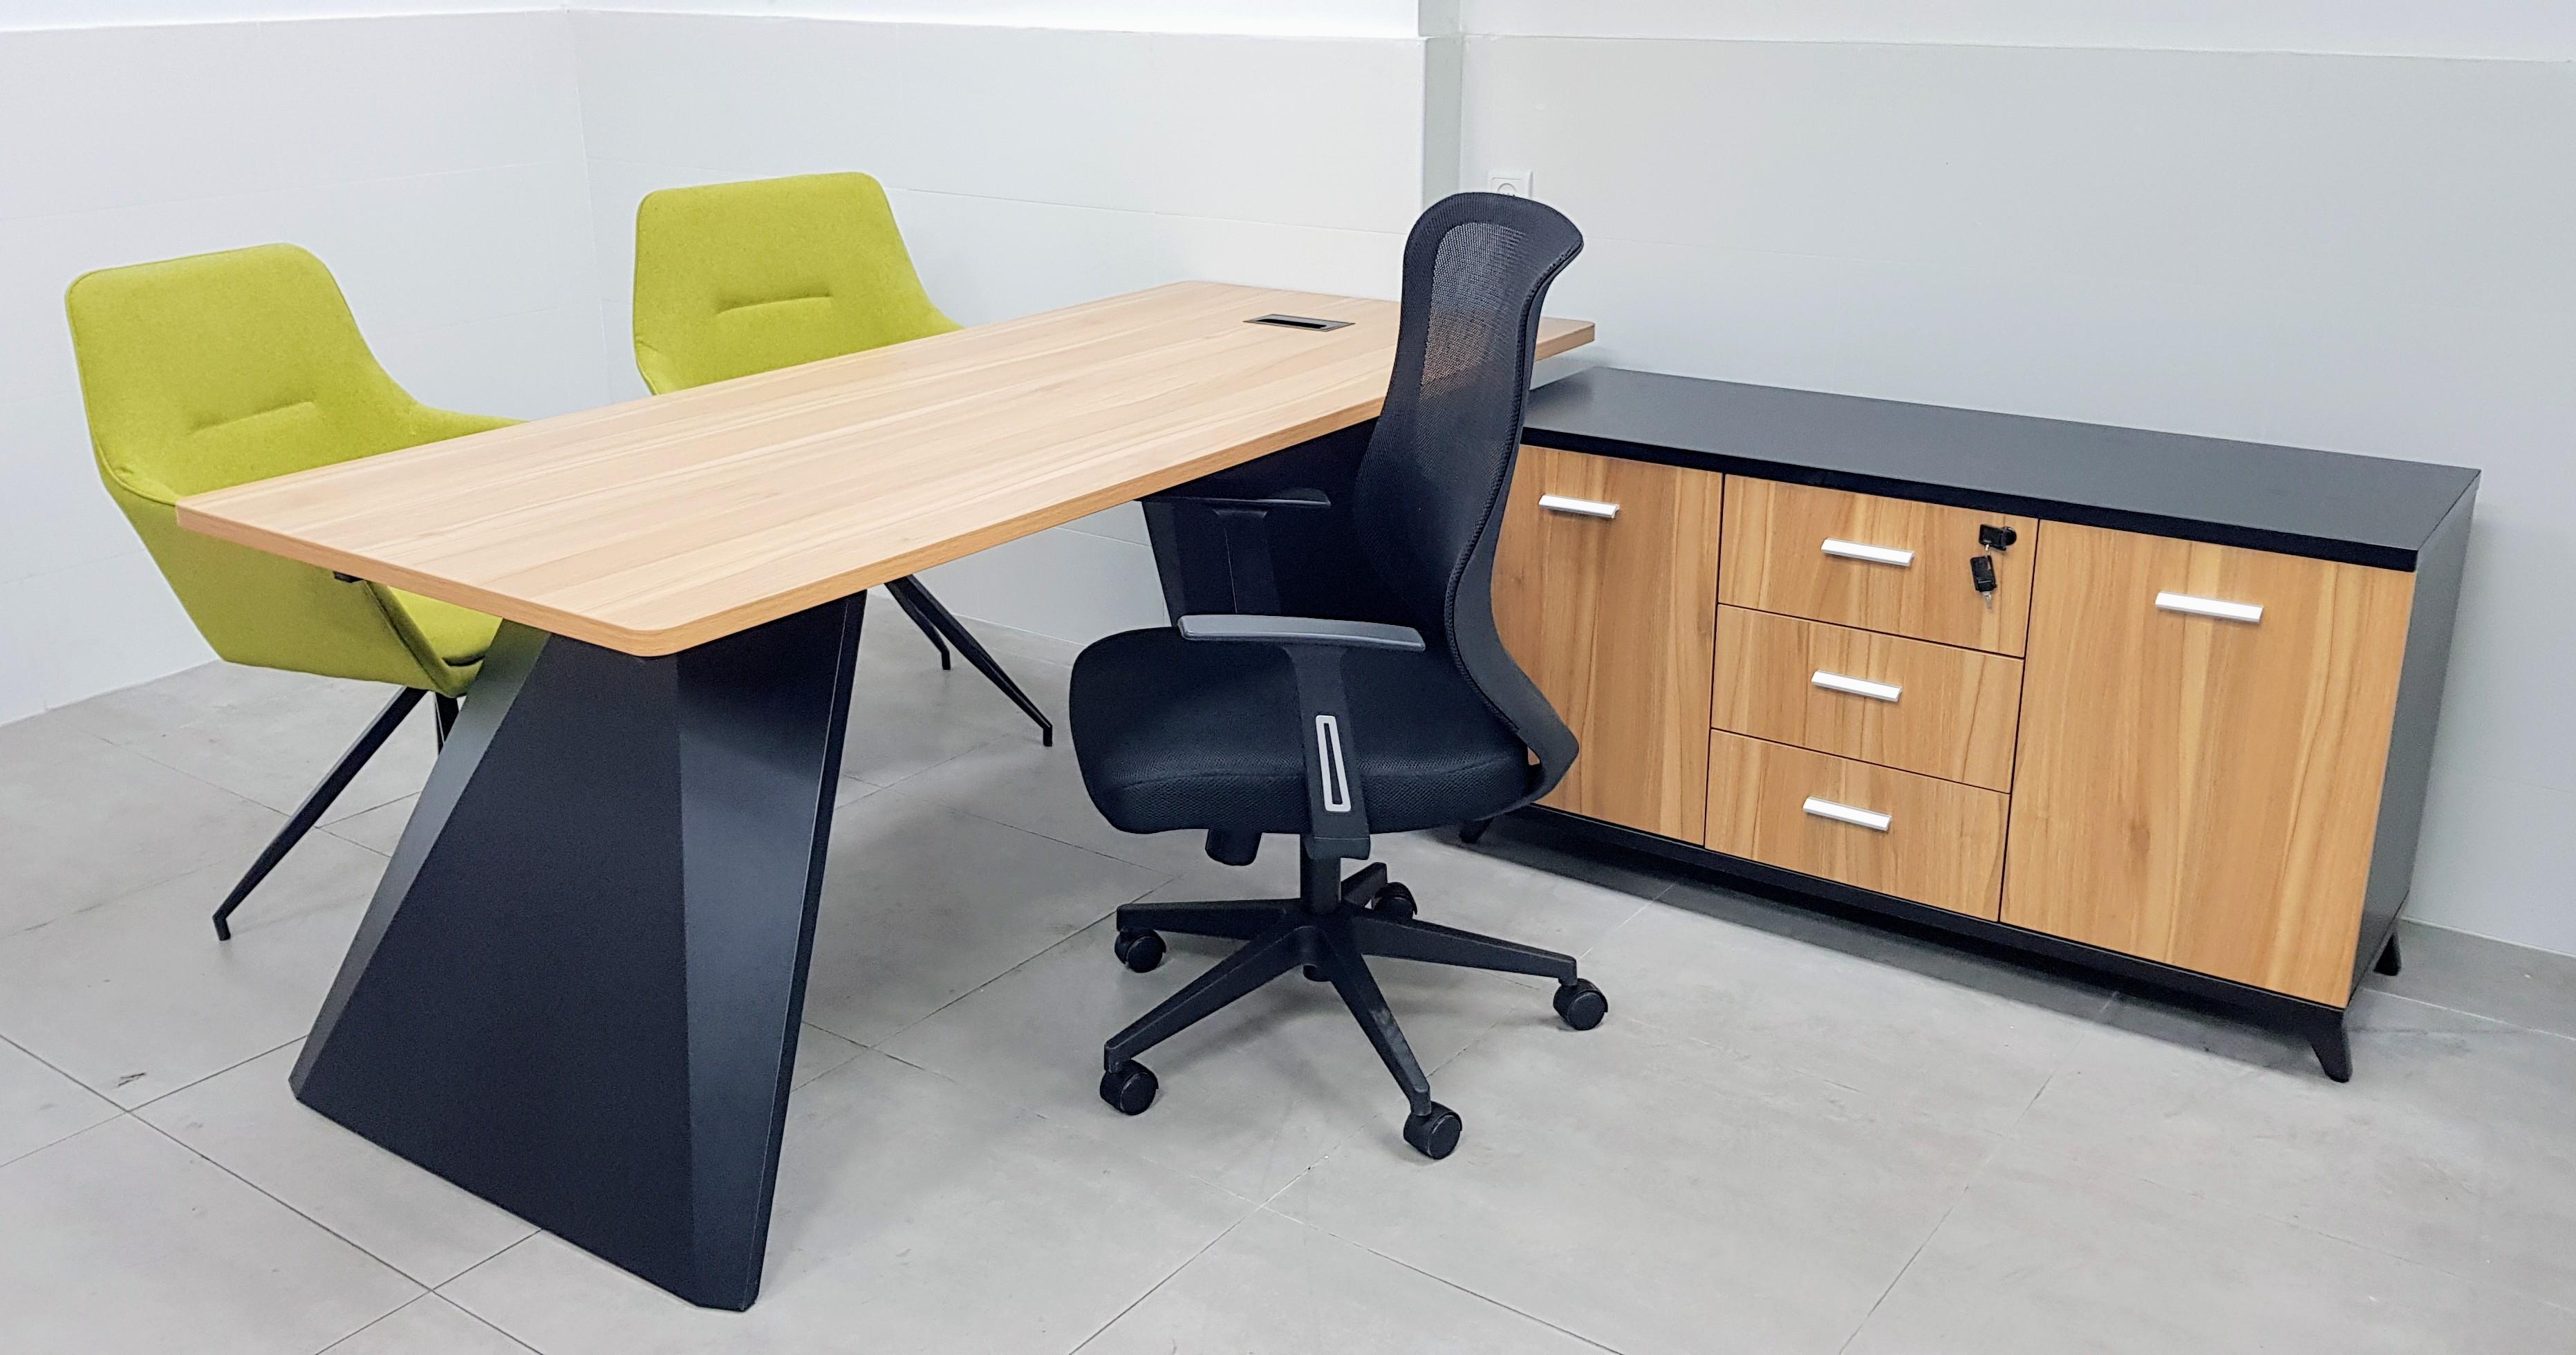 שולחן מנהל 180X80 / 200X80 רגל מתכת סטינג צבע אלון שחור